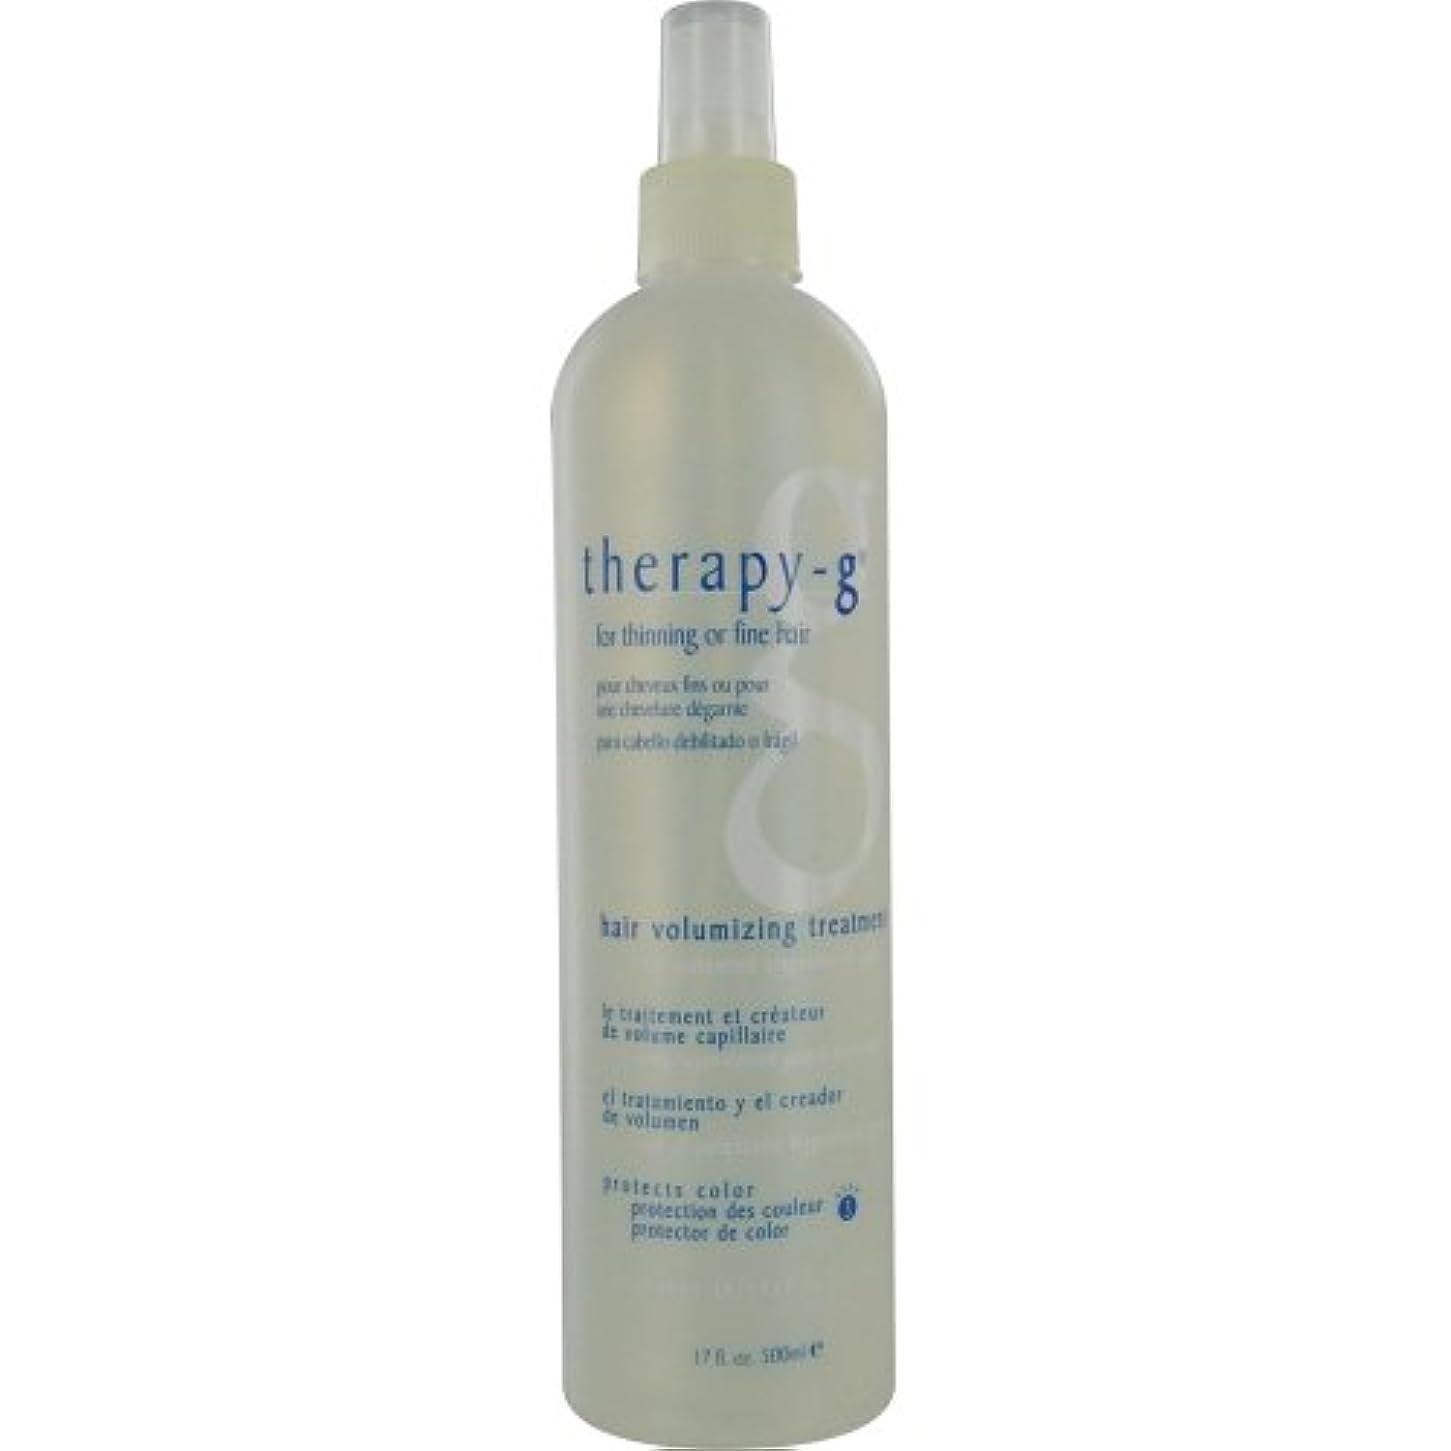 裁判官可能拘束するセラピーg Hair Volumizing Treatment (For Thinning or Fine Hair) 500ml [海外直送品]